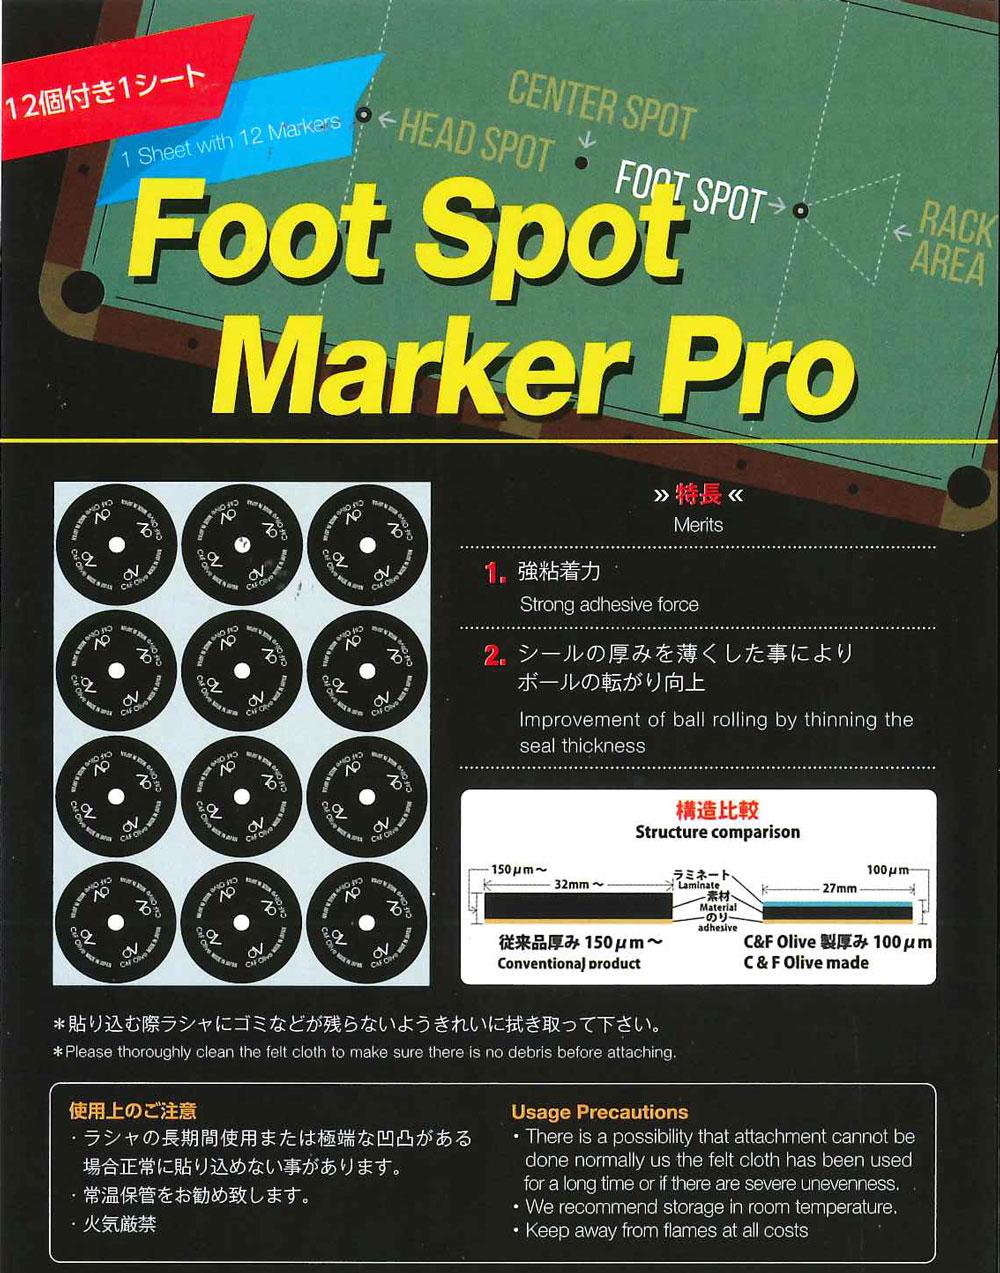 【メール便可】フットスポット マーカープロ (1シート12枚) 商品画像